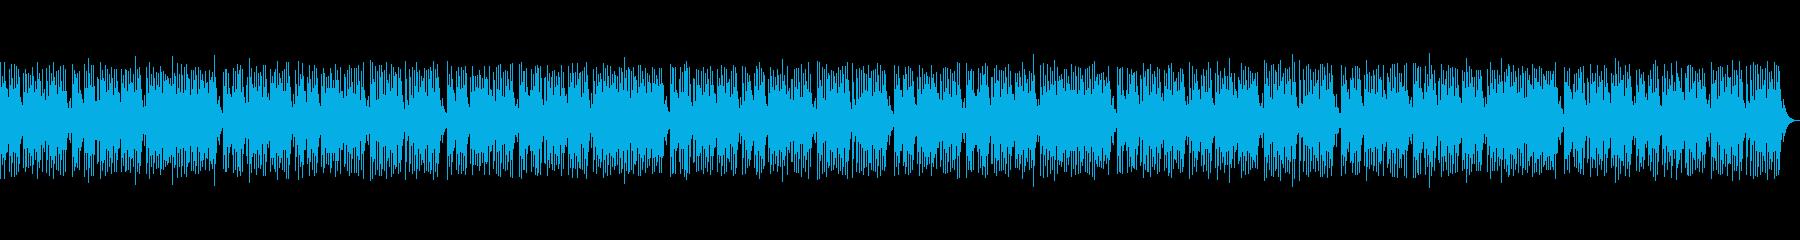 雅楽・日本の伝統音楽風  文化・歴史の再生済みの波形